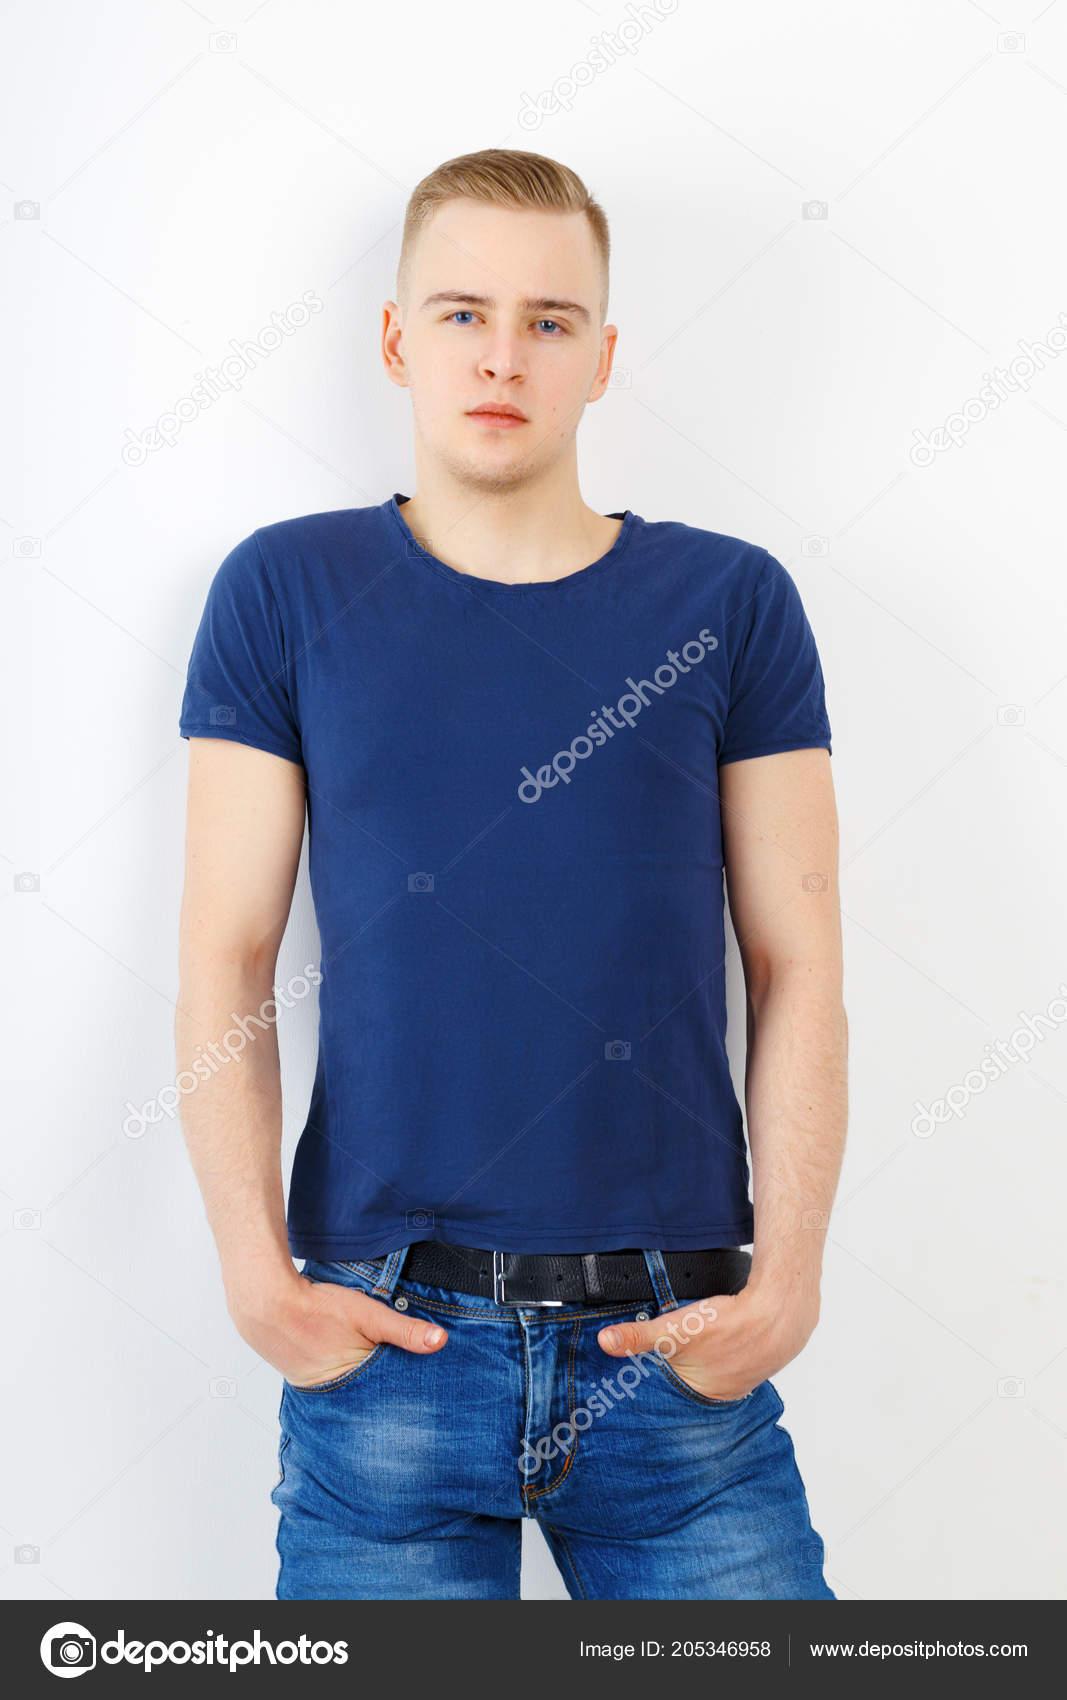 huge discount a8623 5fe26 Giovane Camicia Blu Jeans Pose Con Mani Tasca Bianco Dello ...